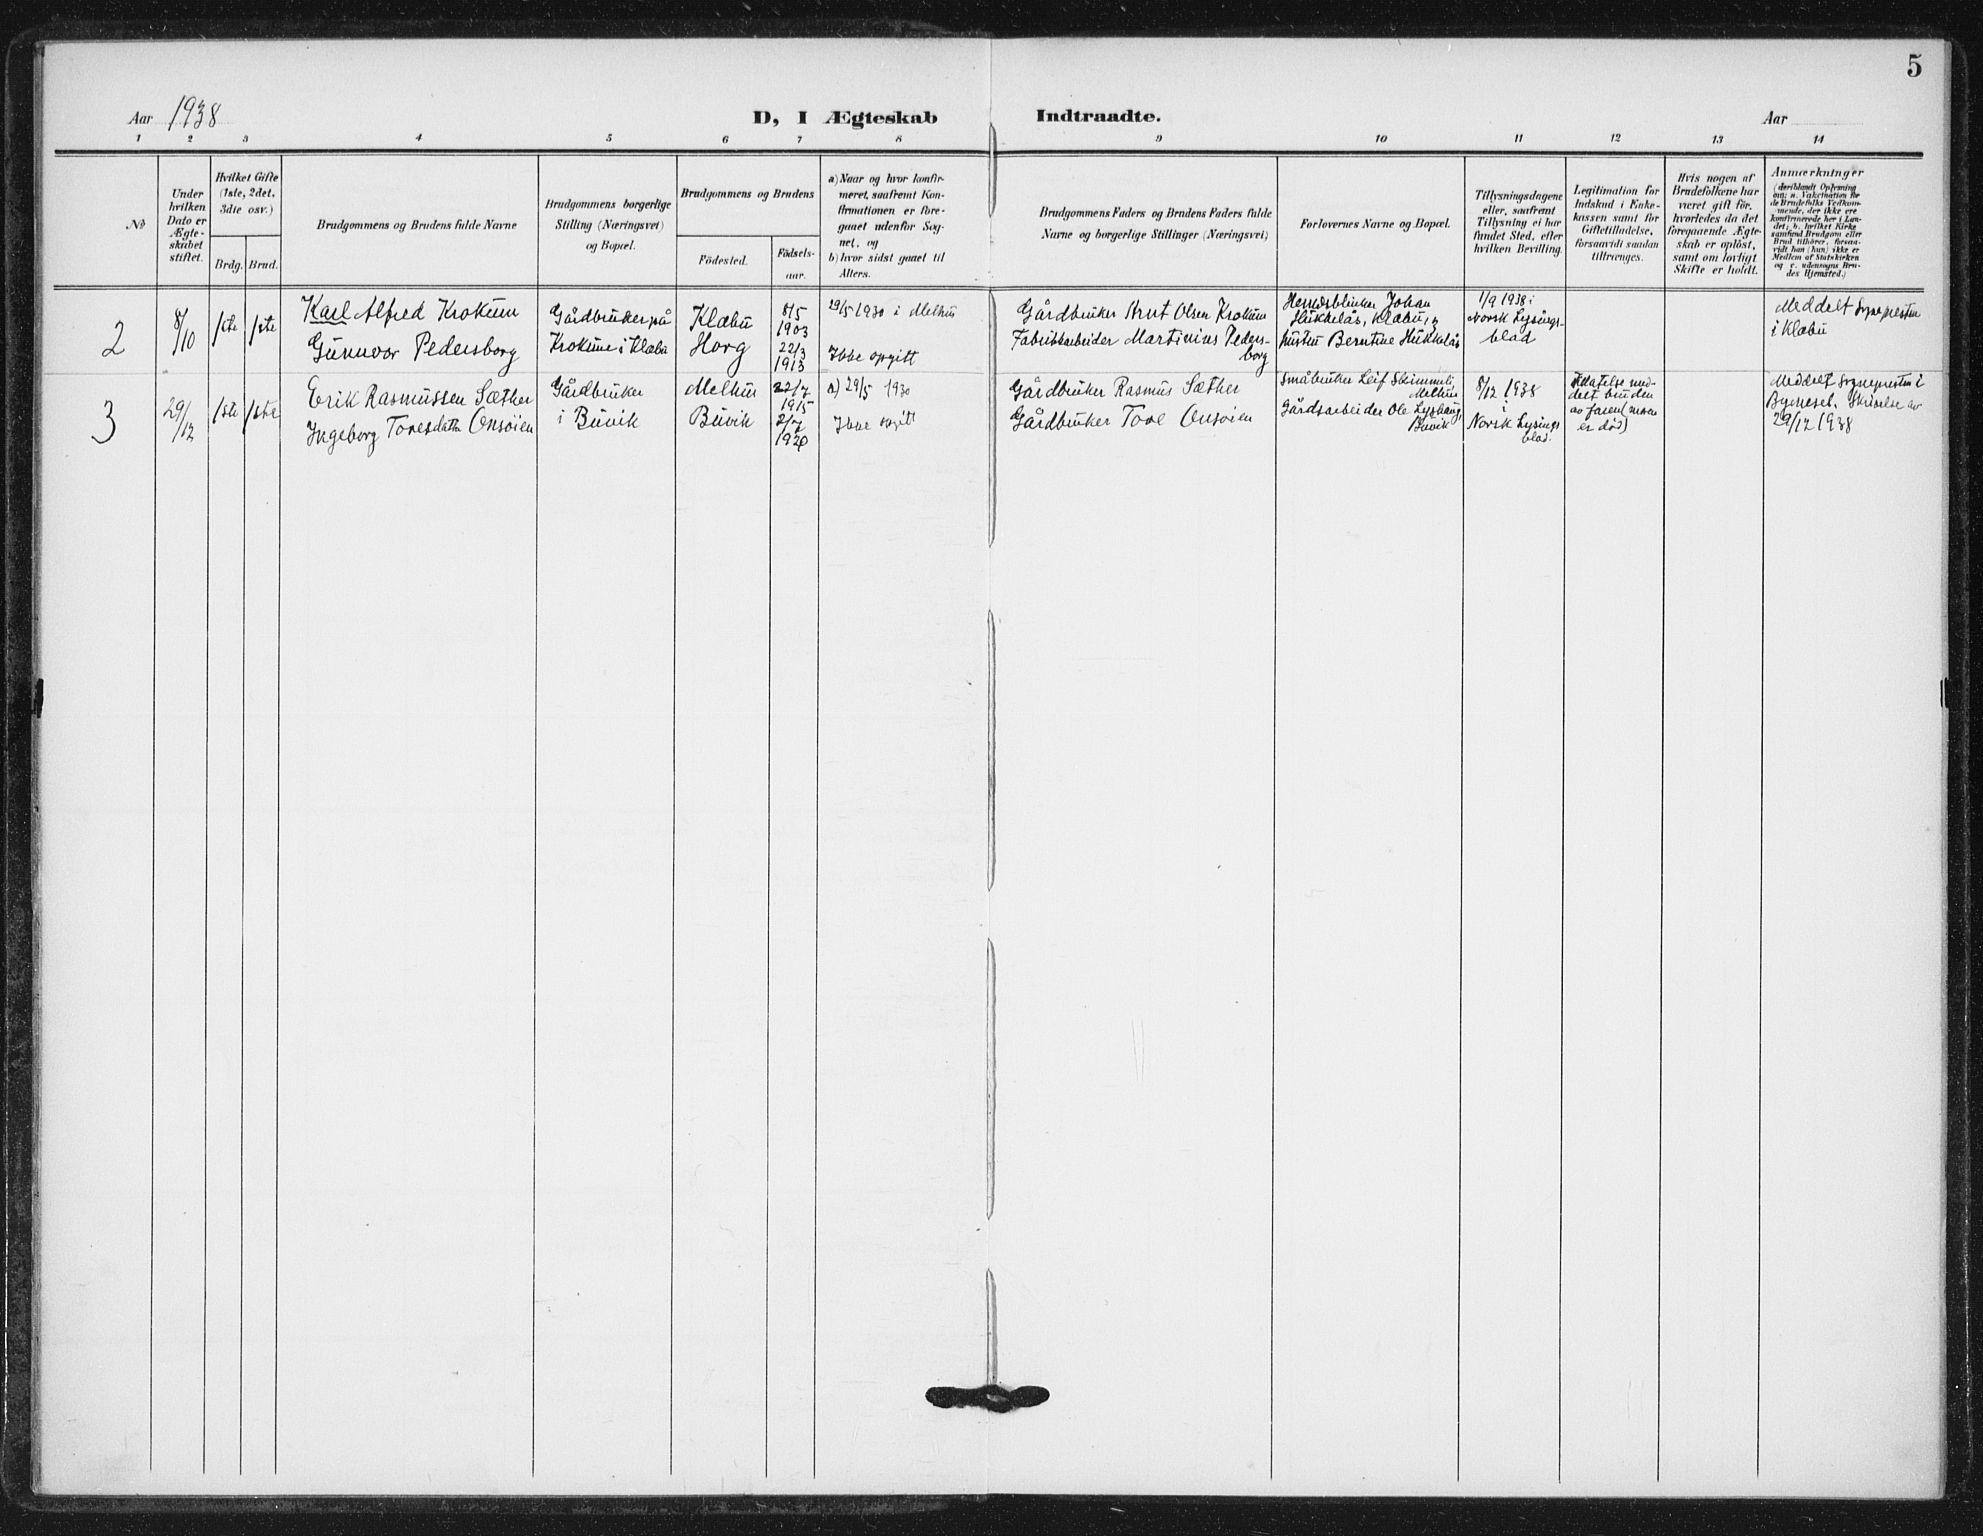 SAT, Ministerialprotokoller, klokkerbøker og fødselsregistre - Sør-Trøndelag, 623/L0472: Ministerialbok nr. 623A06, 1907-1938, s. 5